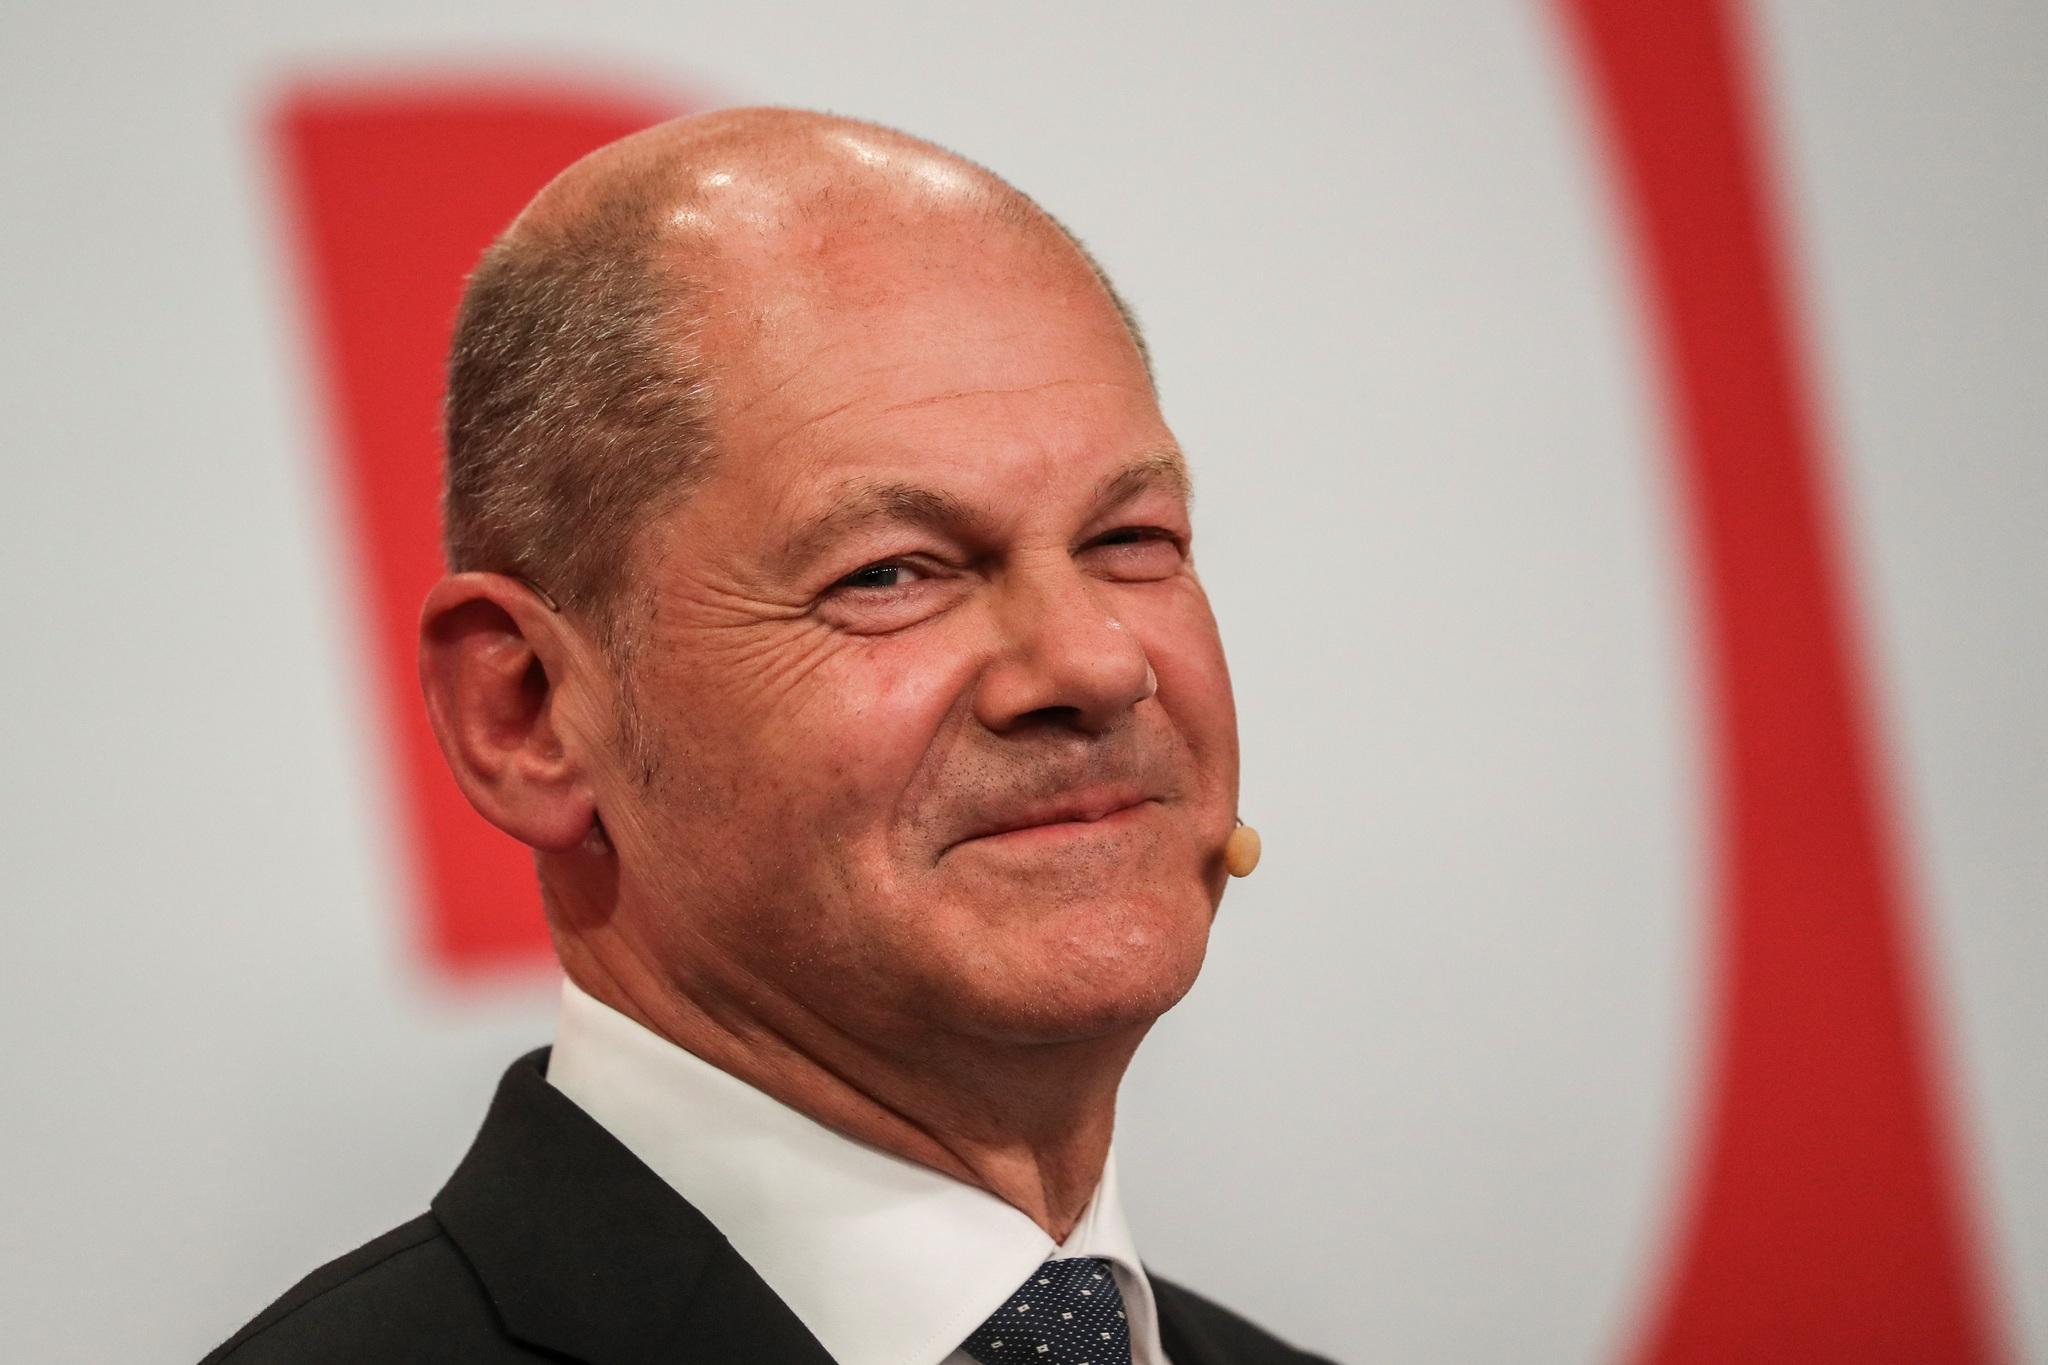 El candidato socialdemócrata Olaf Scholz logró una ajustada victoria en las elecciones alemanas frente a su rival, el democristiano, Armin Laschet.